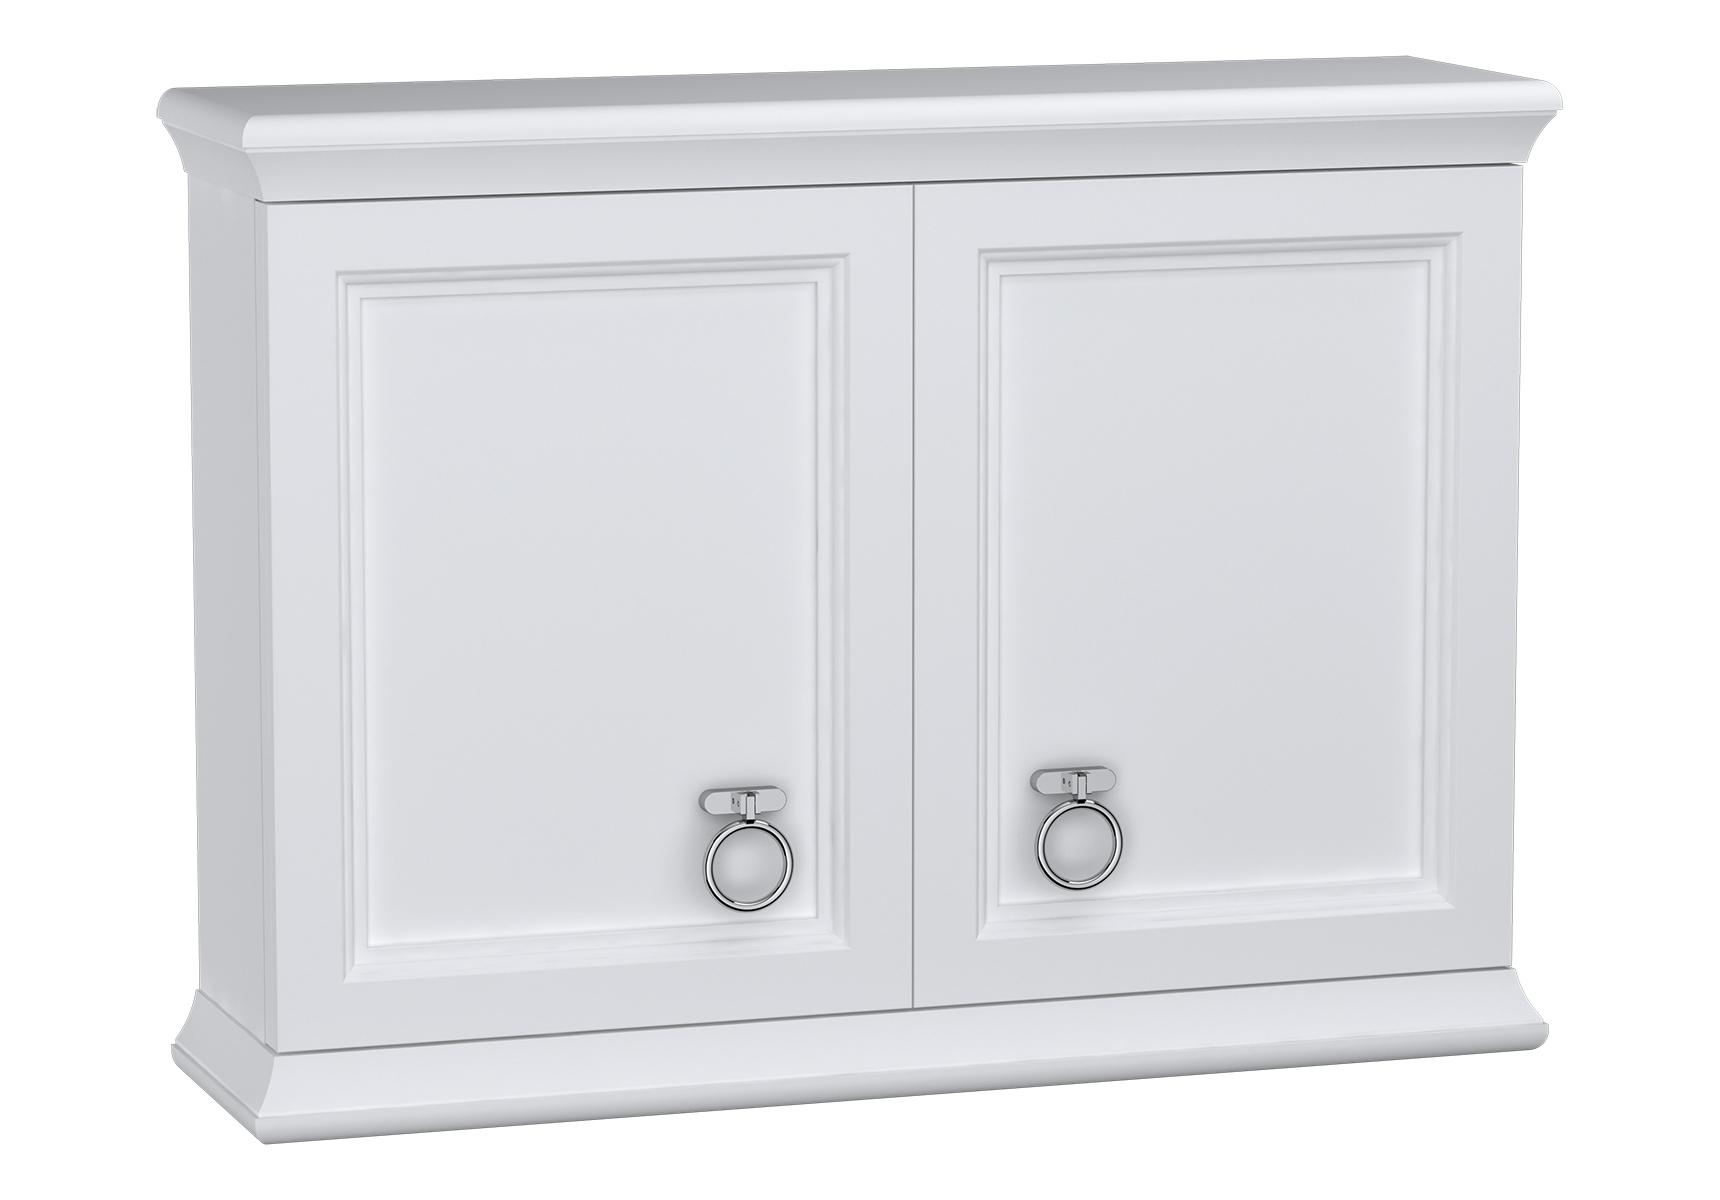 Valarte module supérieur, avec portes, 75 cm, blanc mat